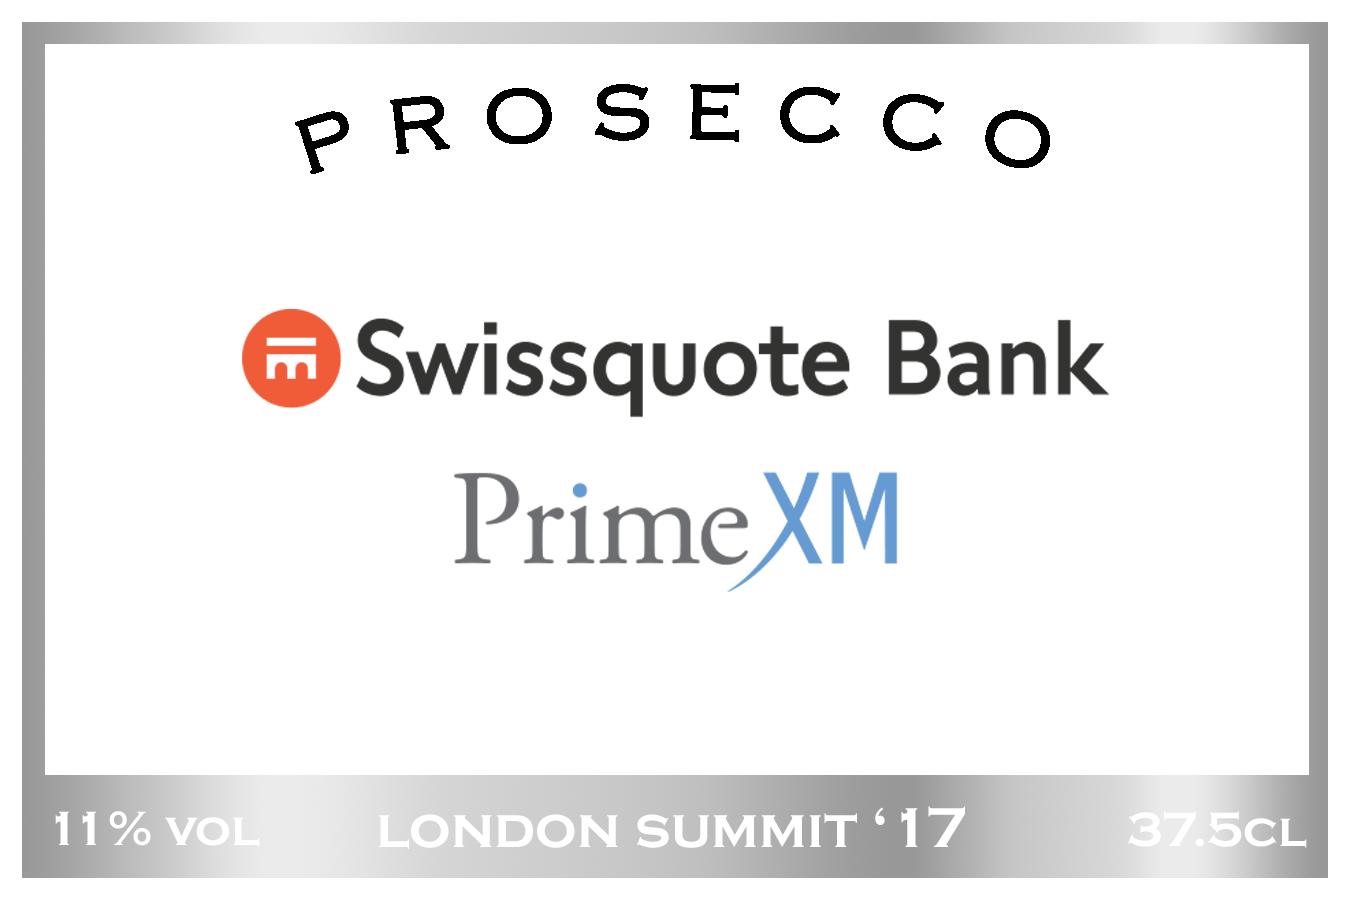 Swissquote PrimeXM Prosecco Label